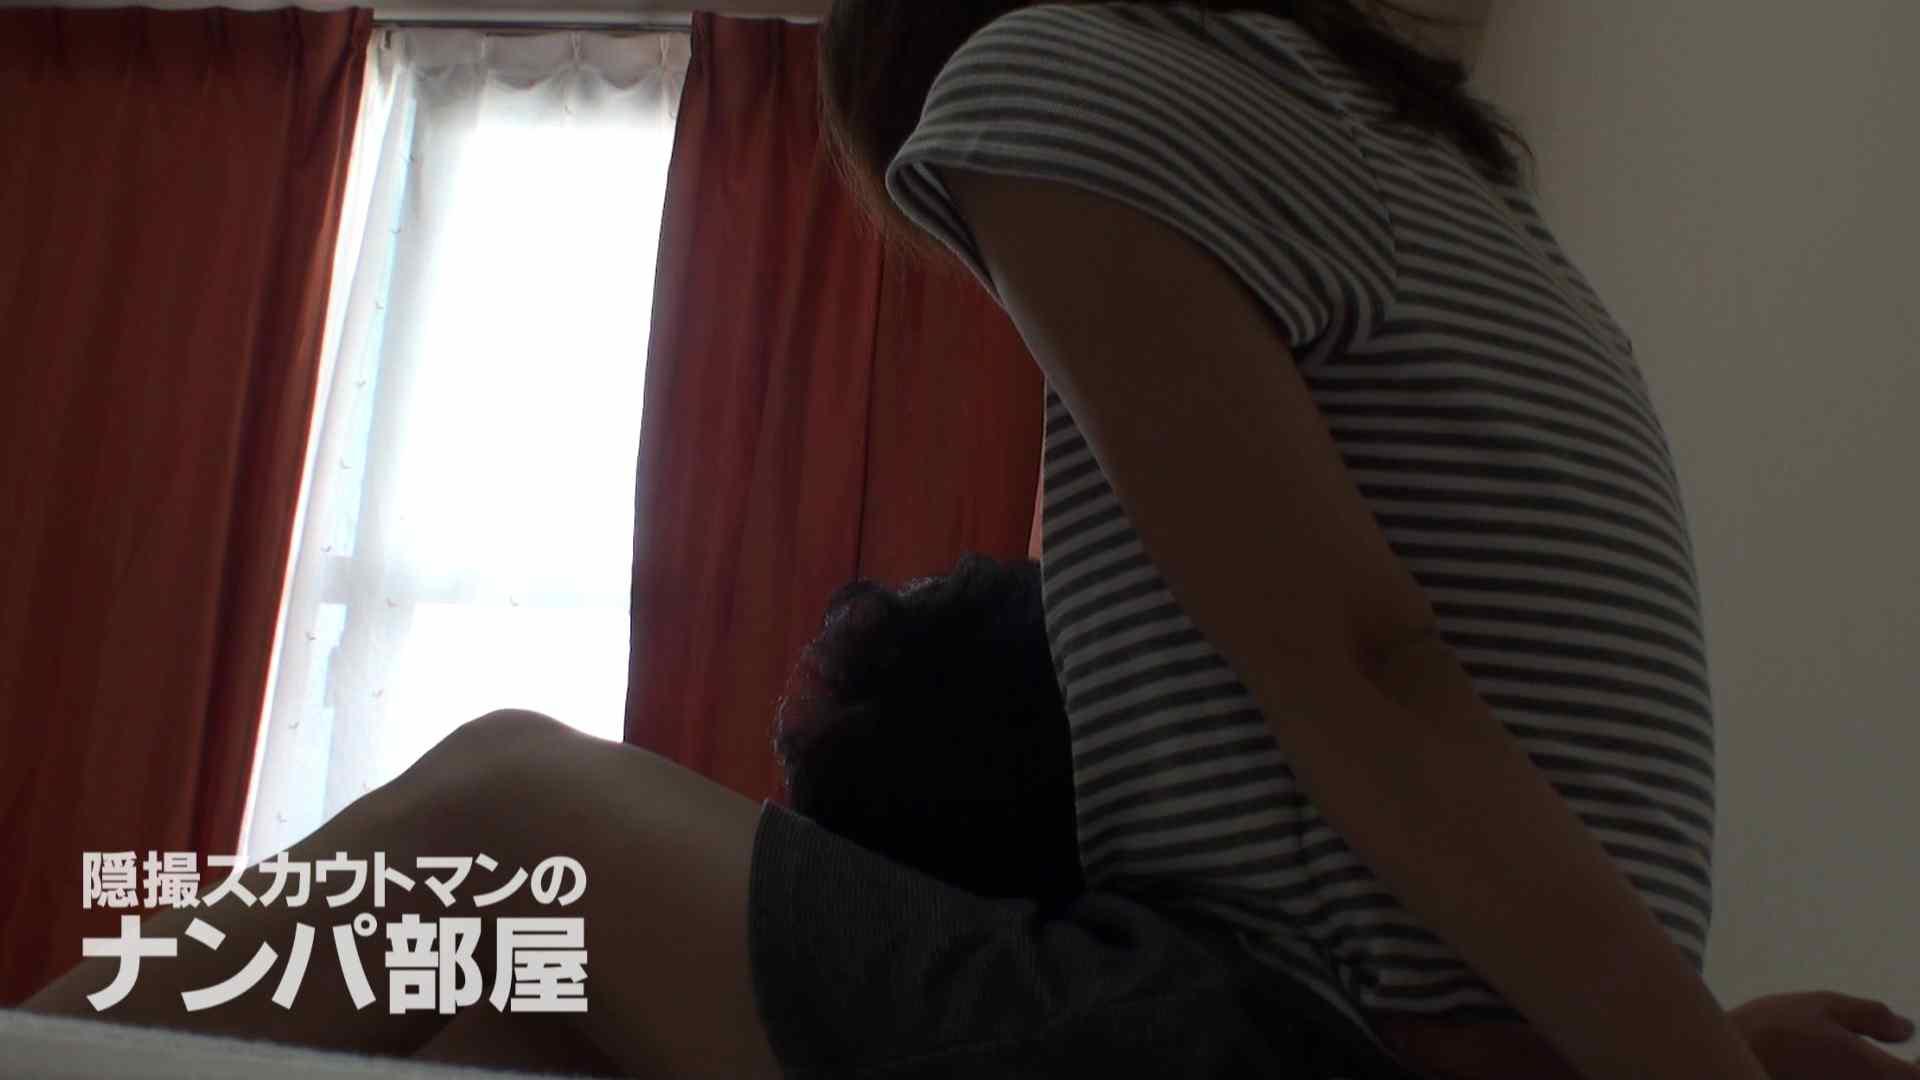 隠撮スカウトマンのナンパ部屋~風俗デビュー前のつまみ食い~ siivol.3 隠撮  105連発 60